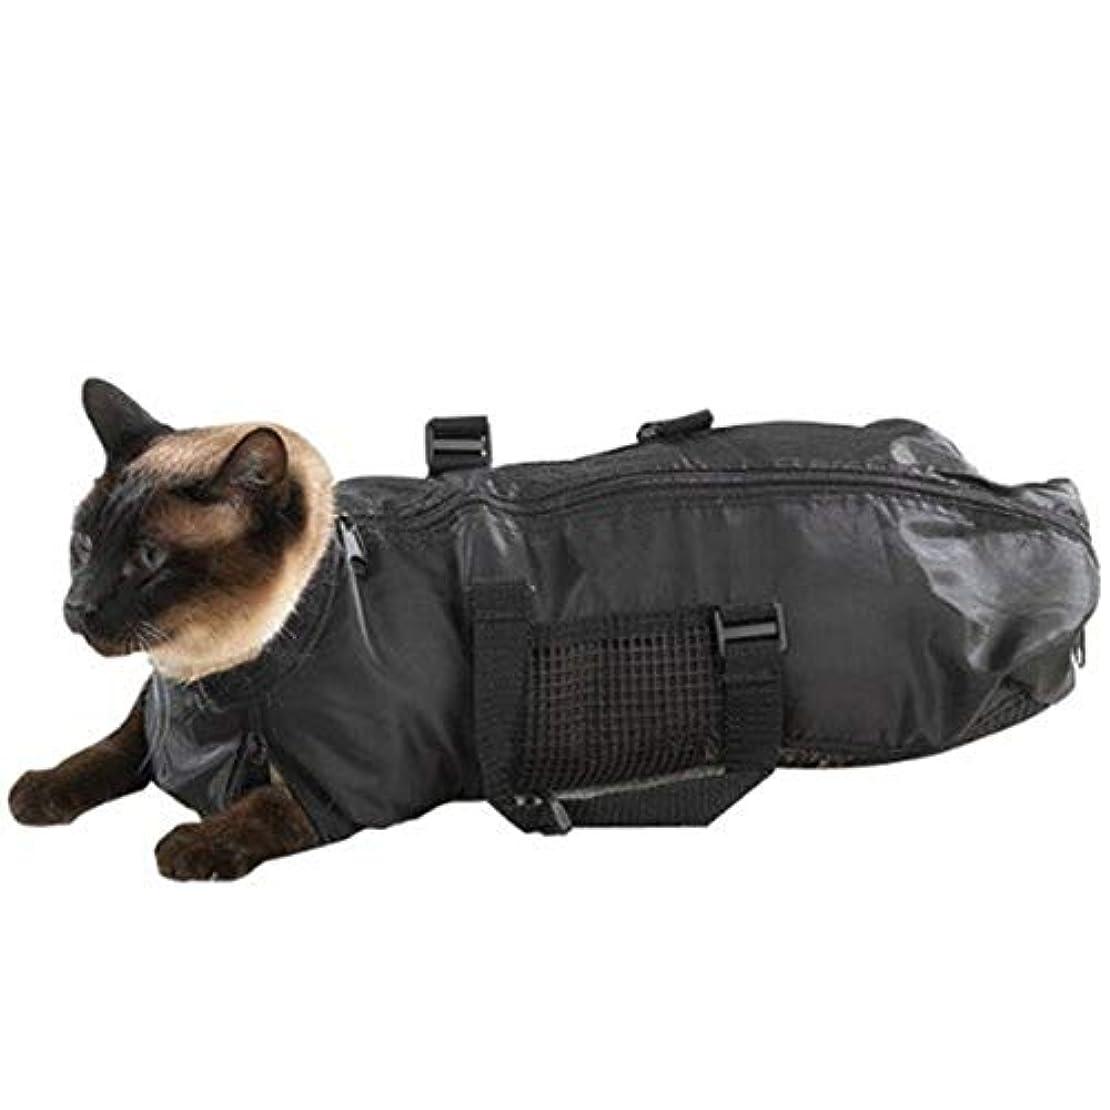 伝説または自治的Saikogoods ネイルクリッピングお風呂のための猫グルーミングバッグ 耐久性に優れ ノースクラッチ 噛み拘束 多彩なバッグ ペットサプライ 黒